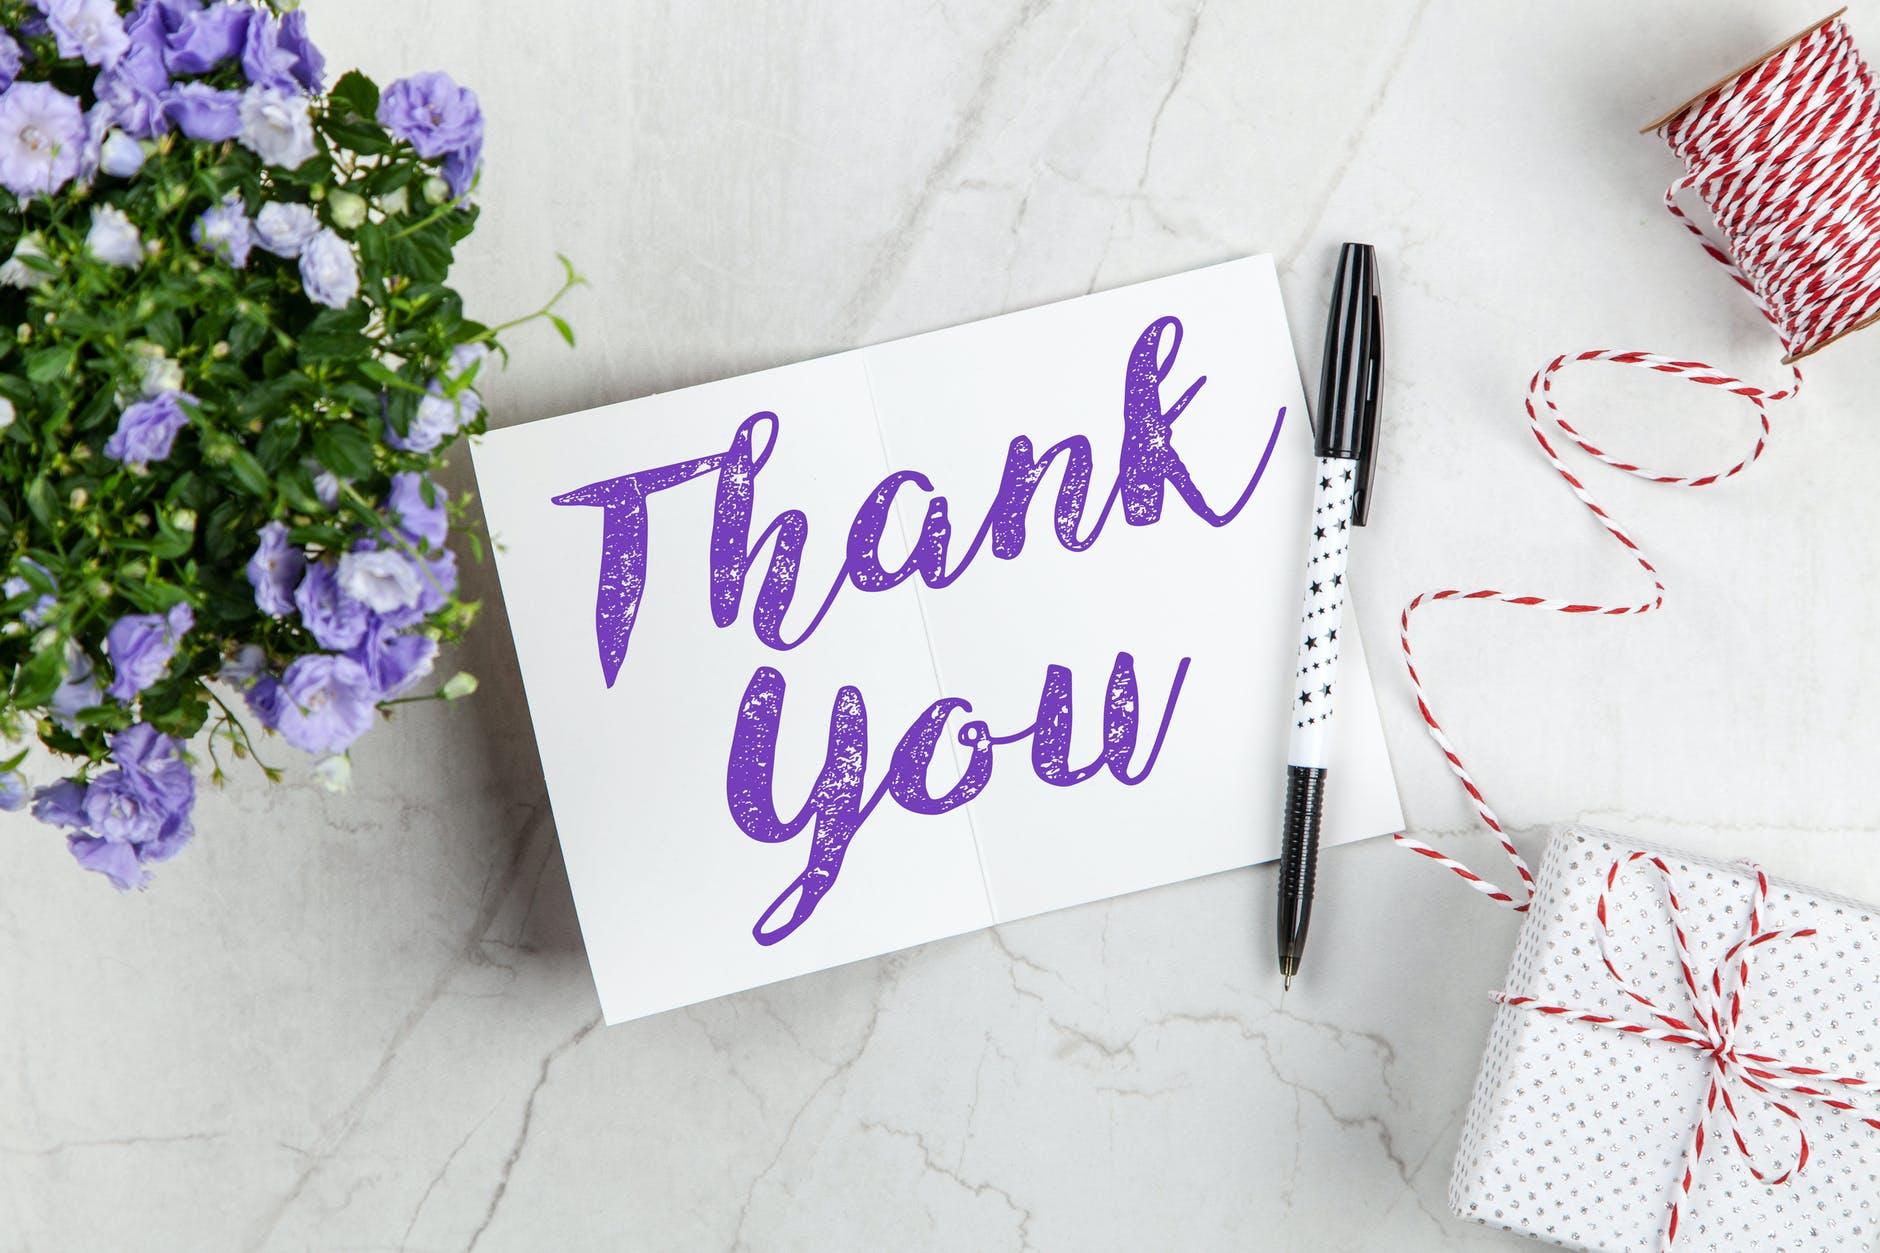 Berbagai ucapan terima kasih yang bermakna dan berkesan.